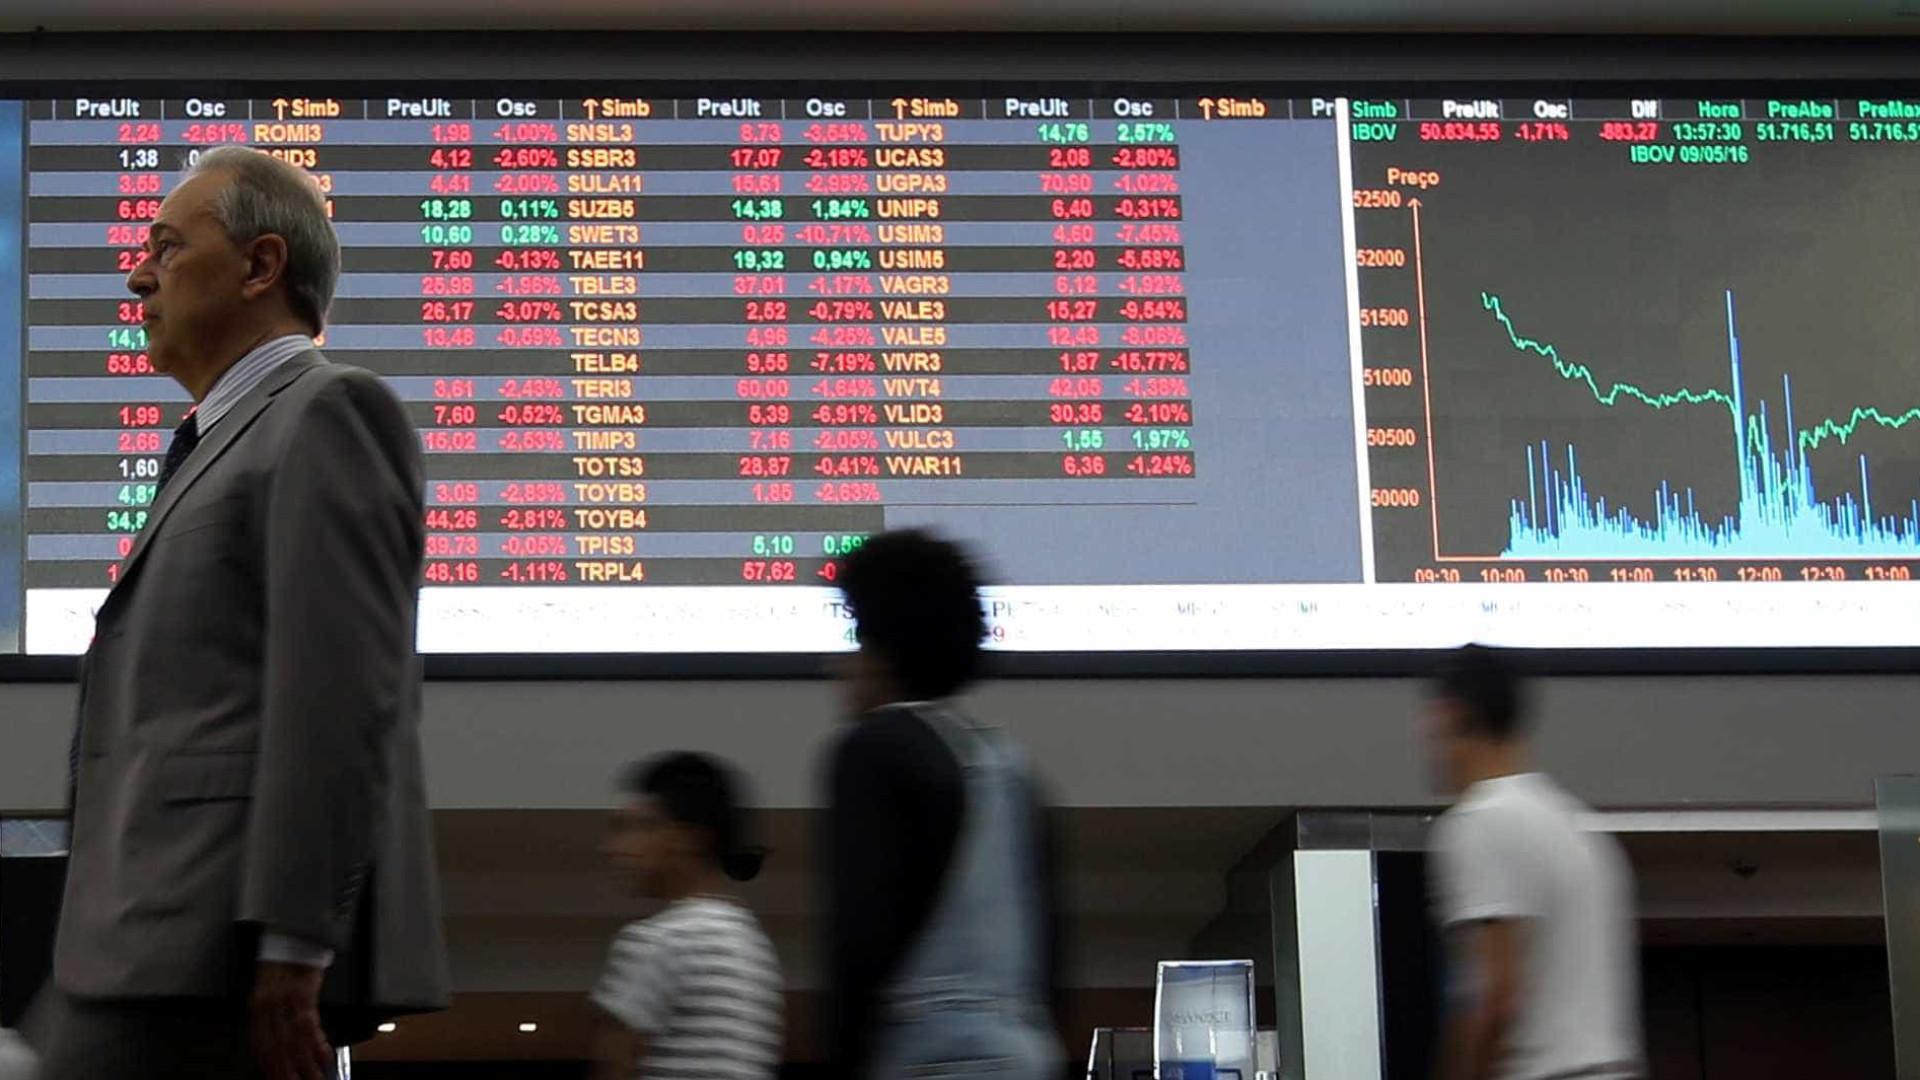 Bolsa brasileira tem pior desempenho no mundo com crise do coronavírus